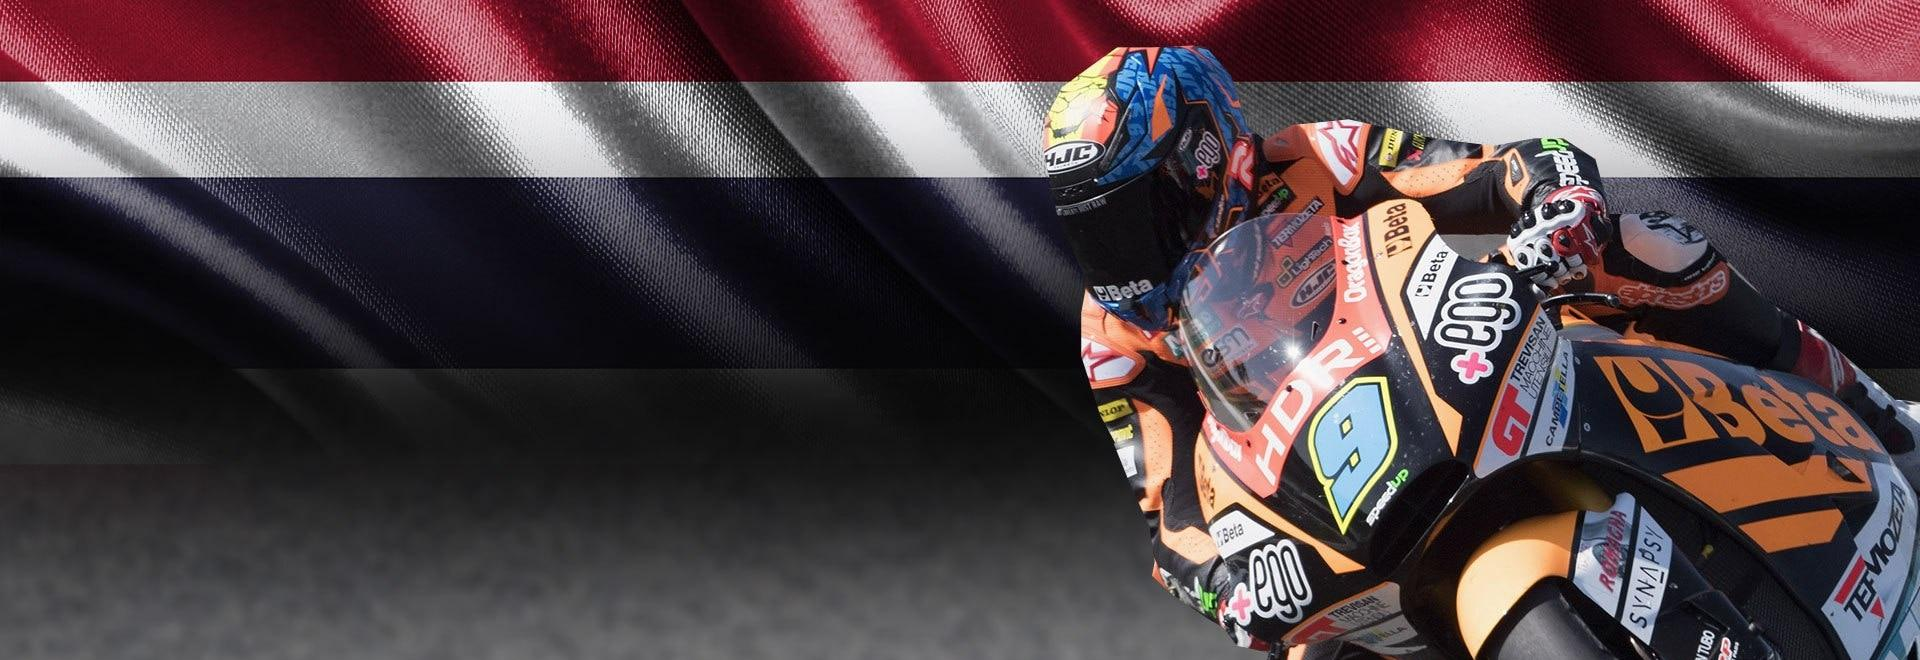 GP Thailandia. PL 1